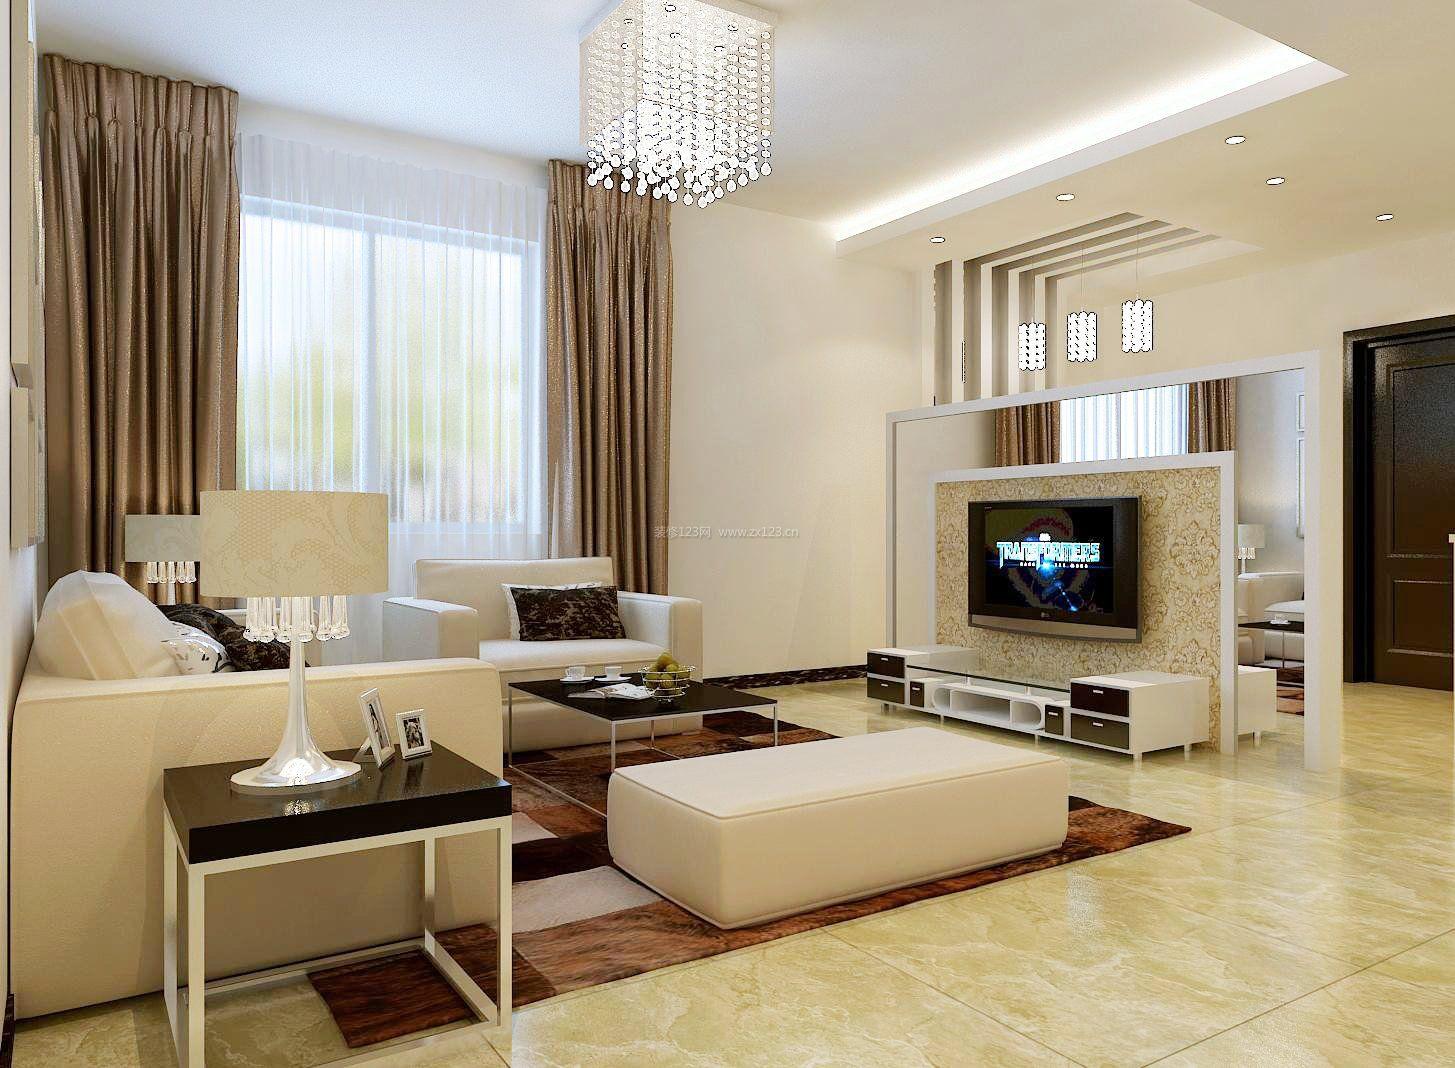 90平方米房屋客厅设计装修效果图大全